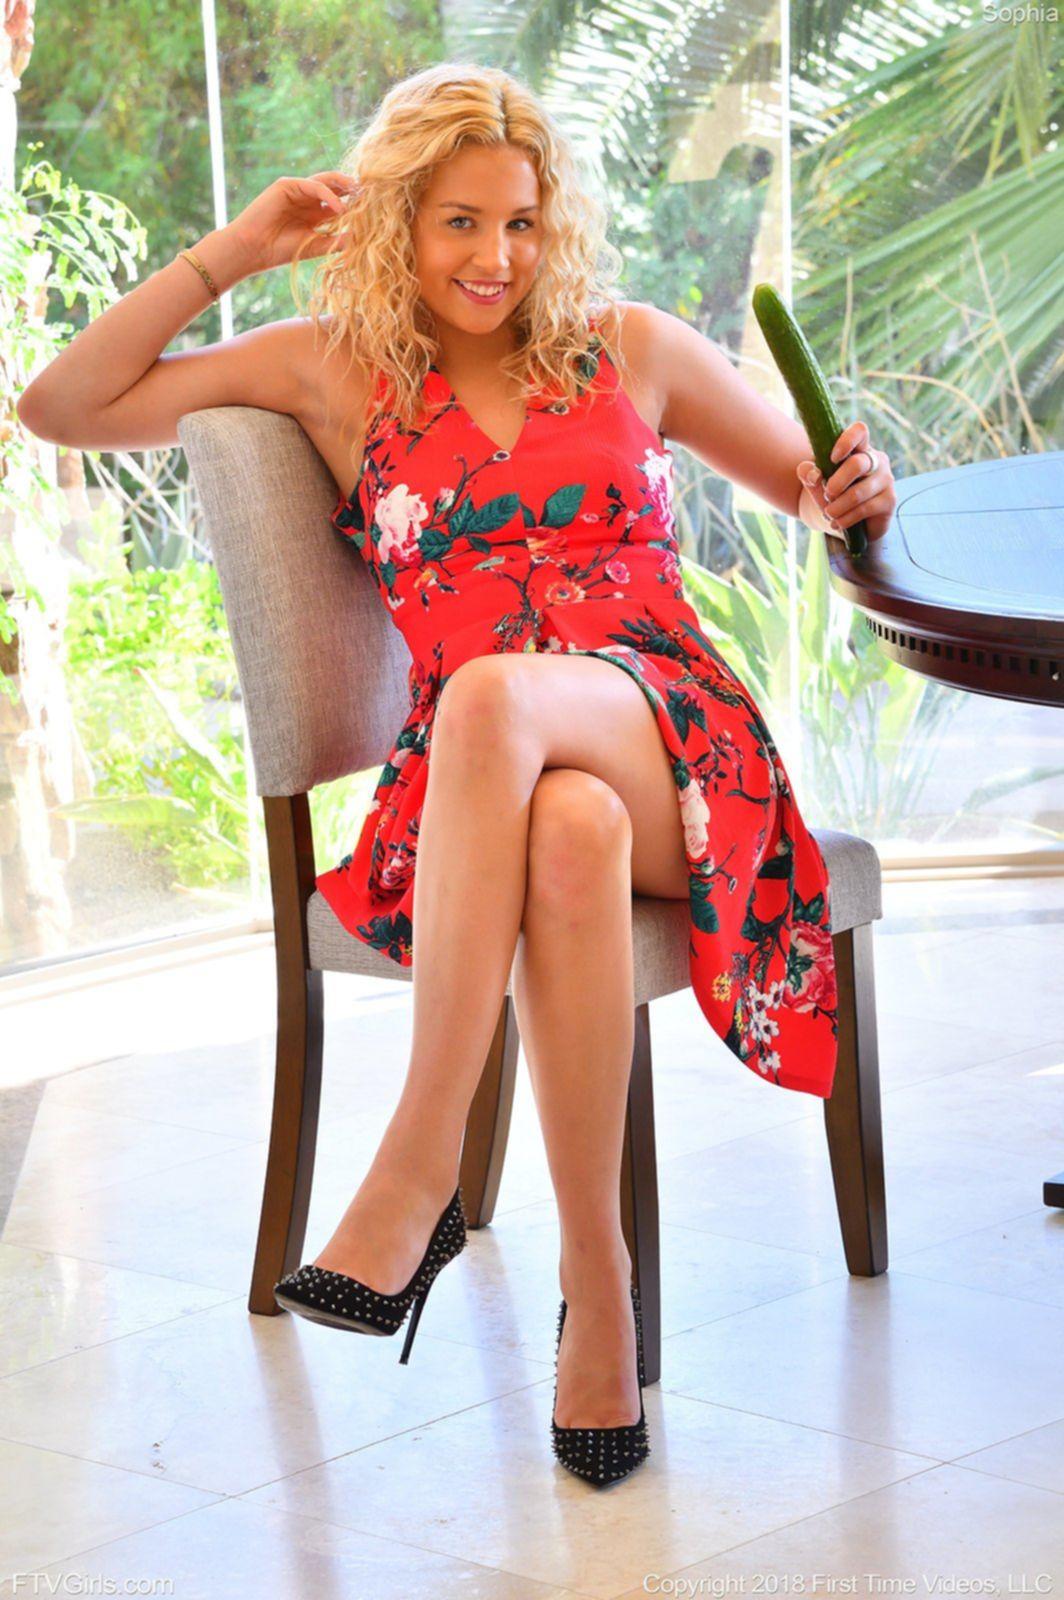 Блондинка в платье засунула огурец в киску - фото